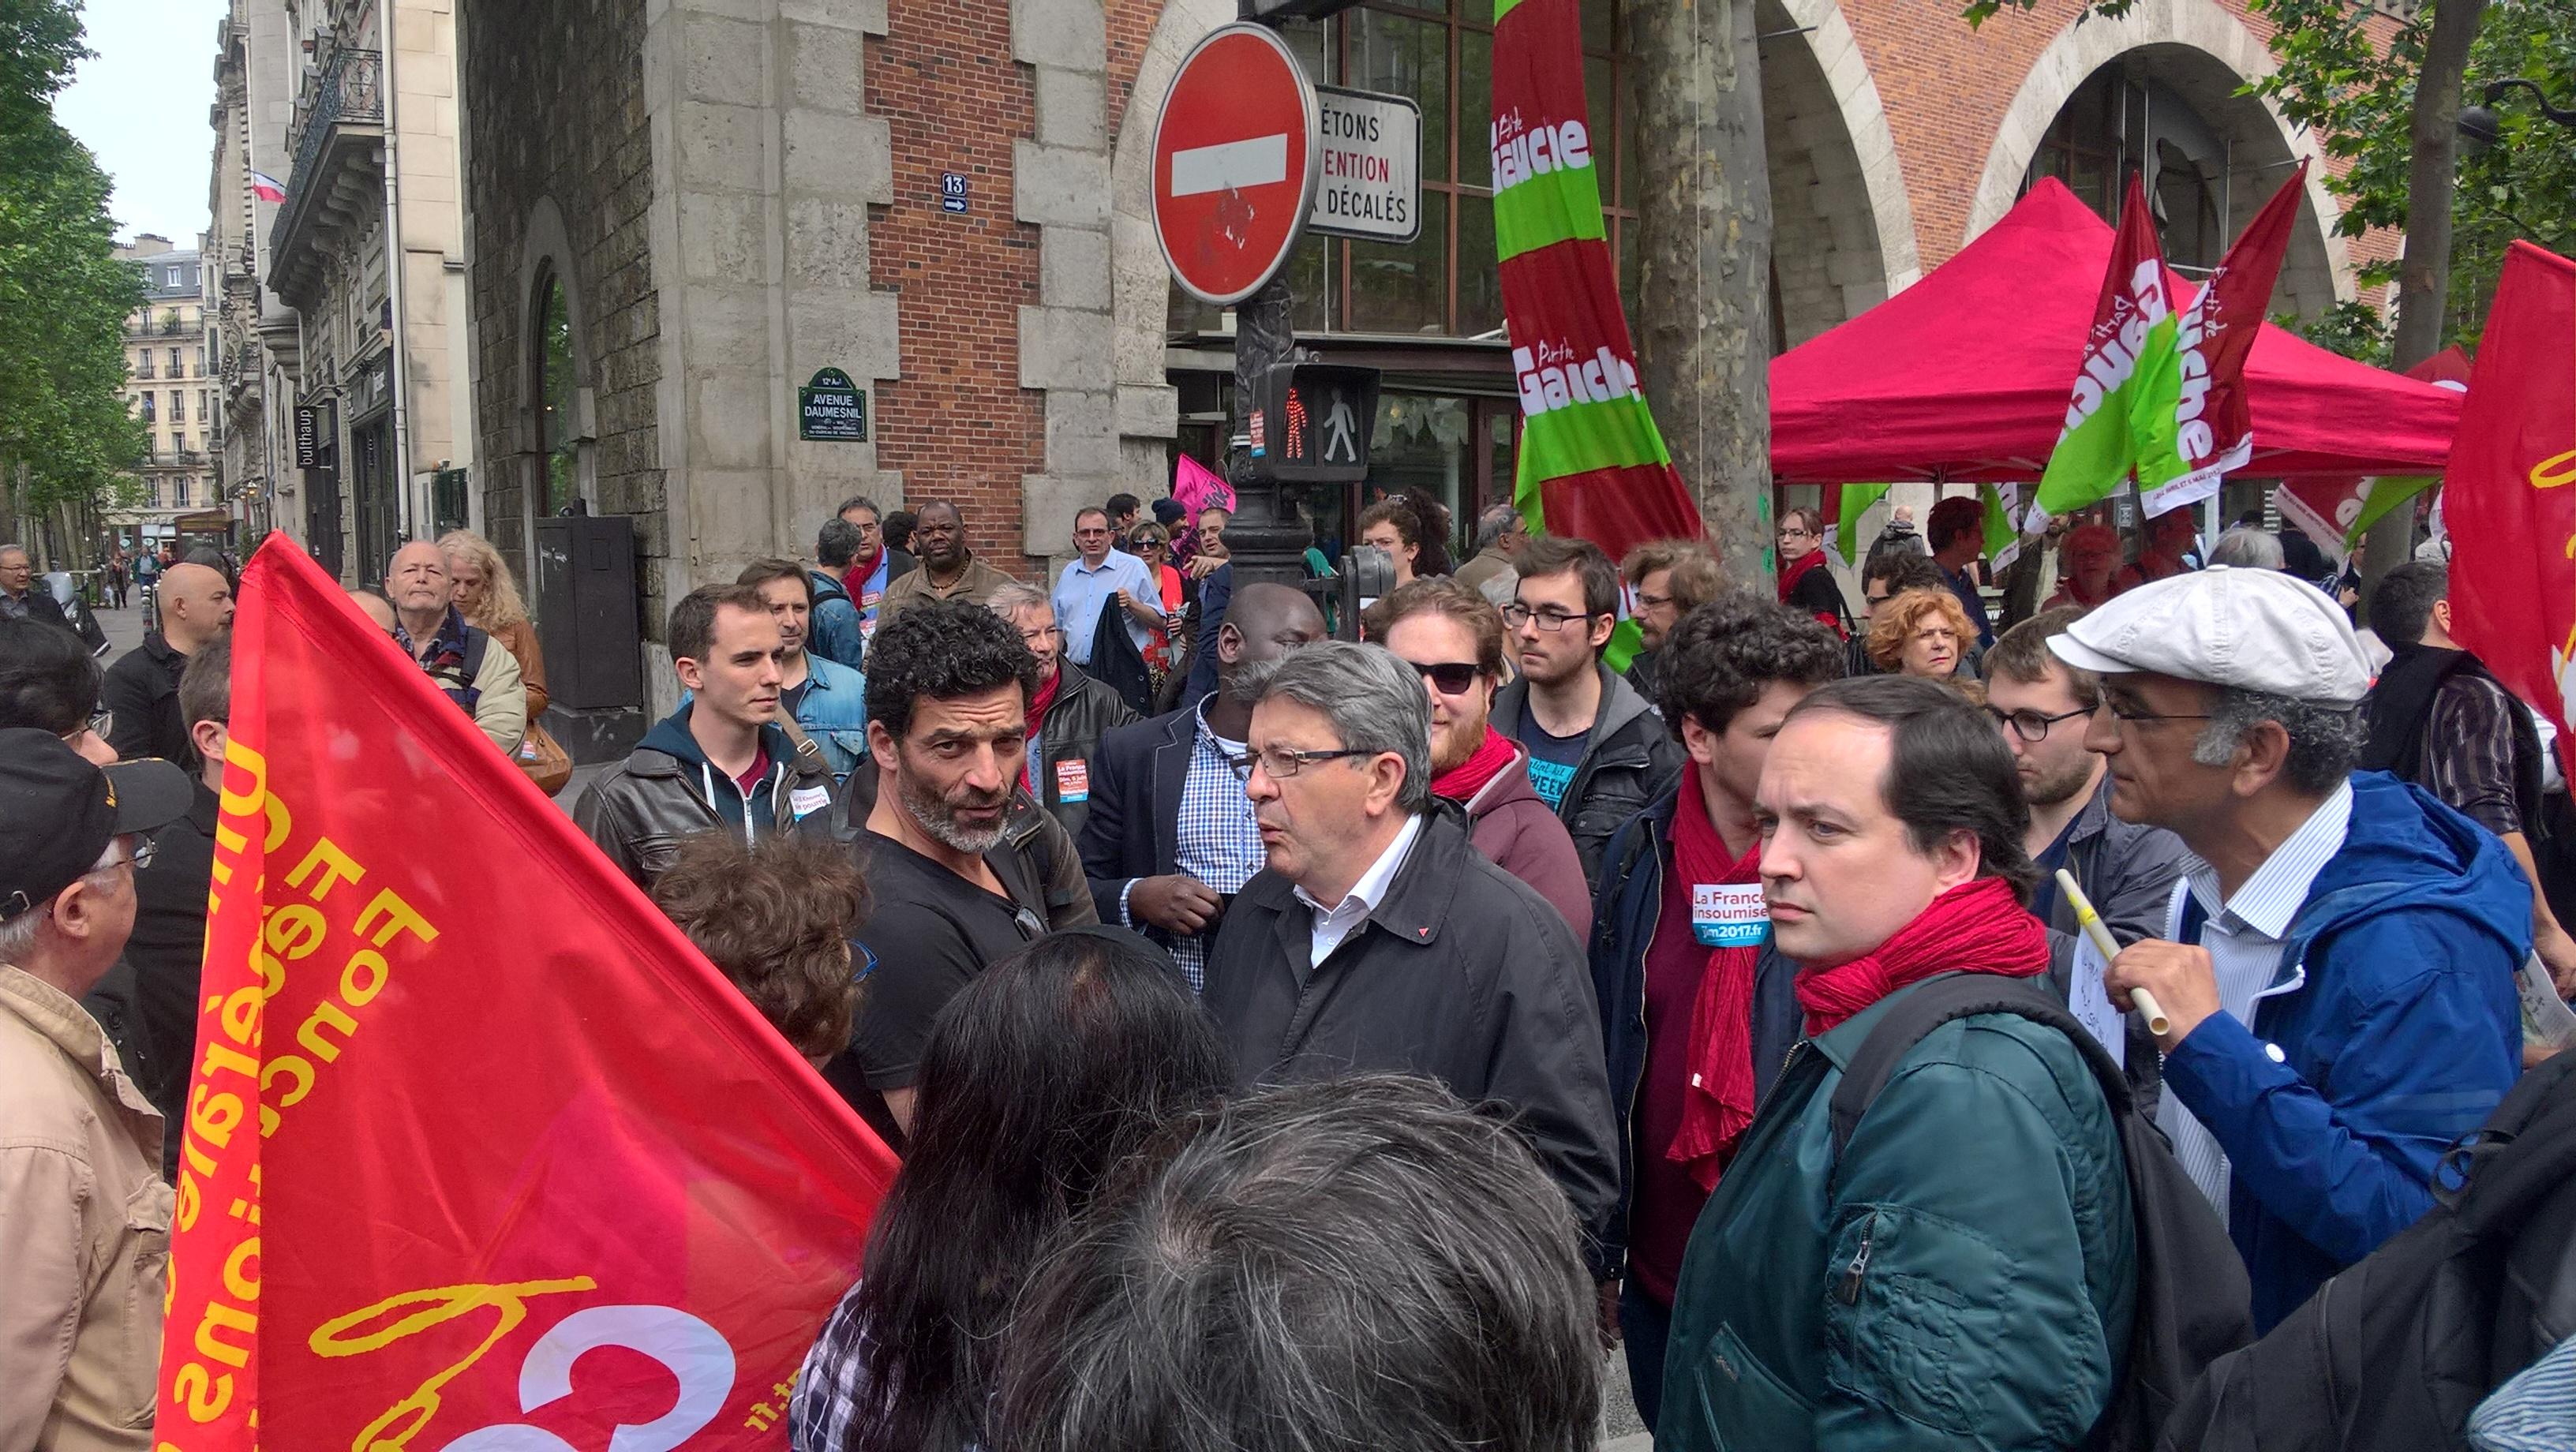 Jean-Luc Mélenchon, le 26 mai 2016 à Paris, lors d'une manifestation contre la loi El Khomri.